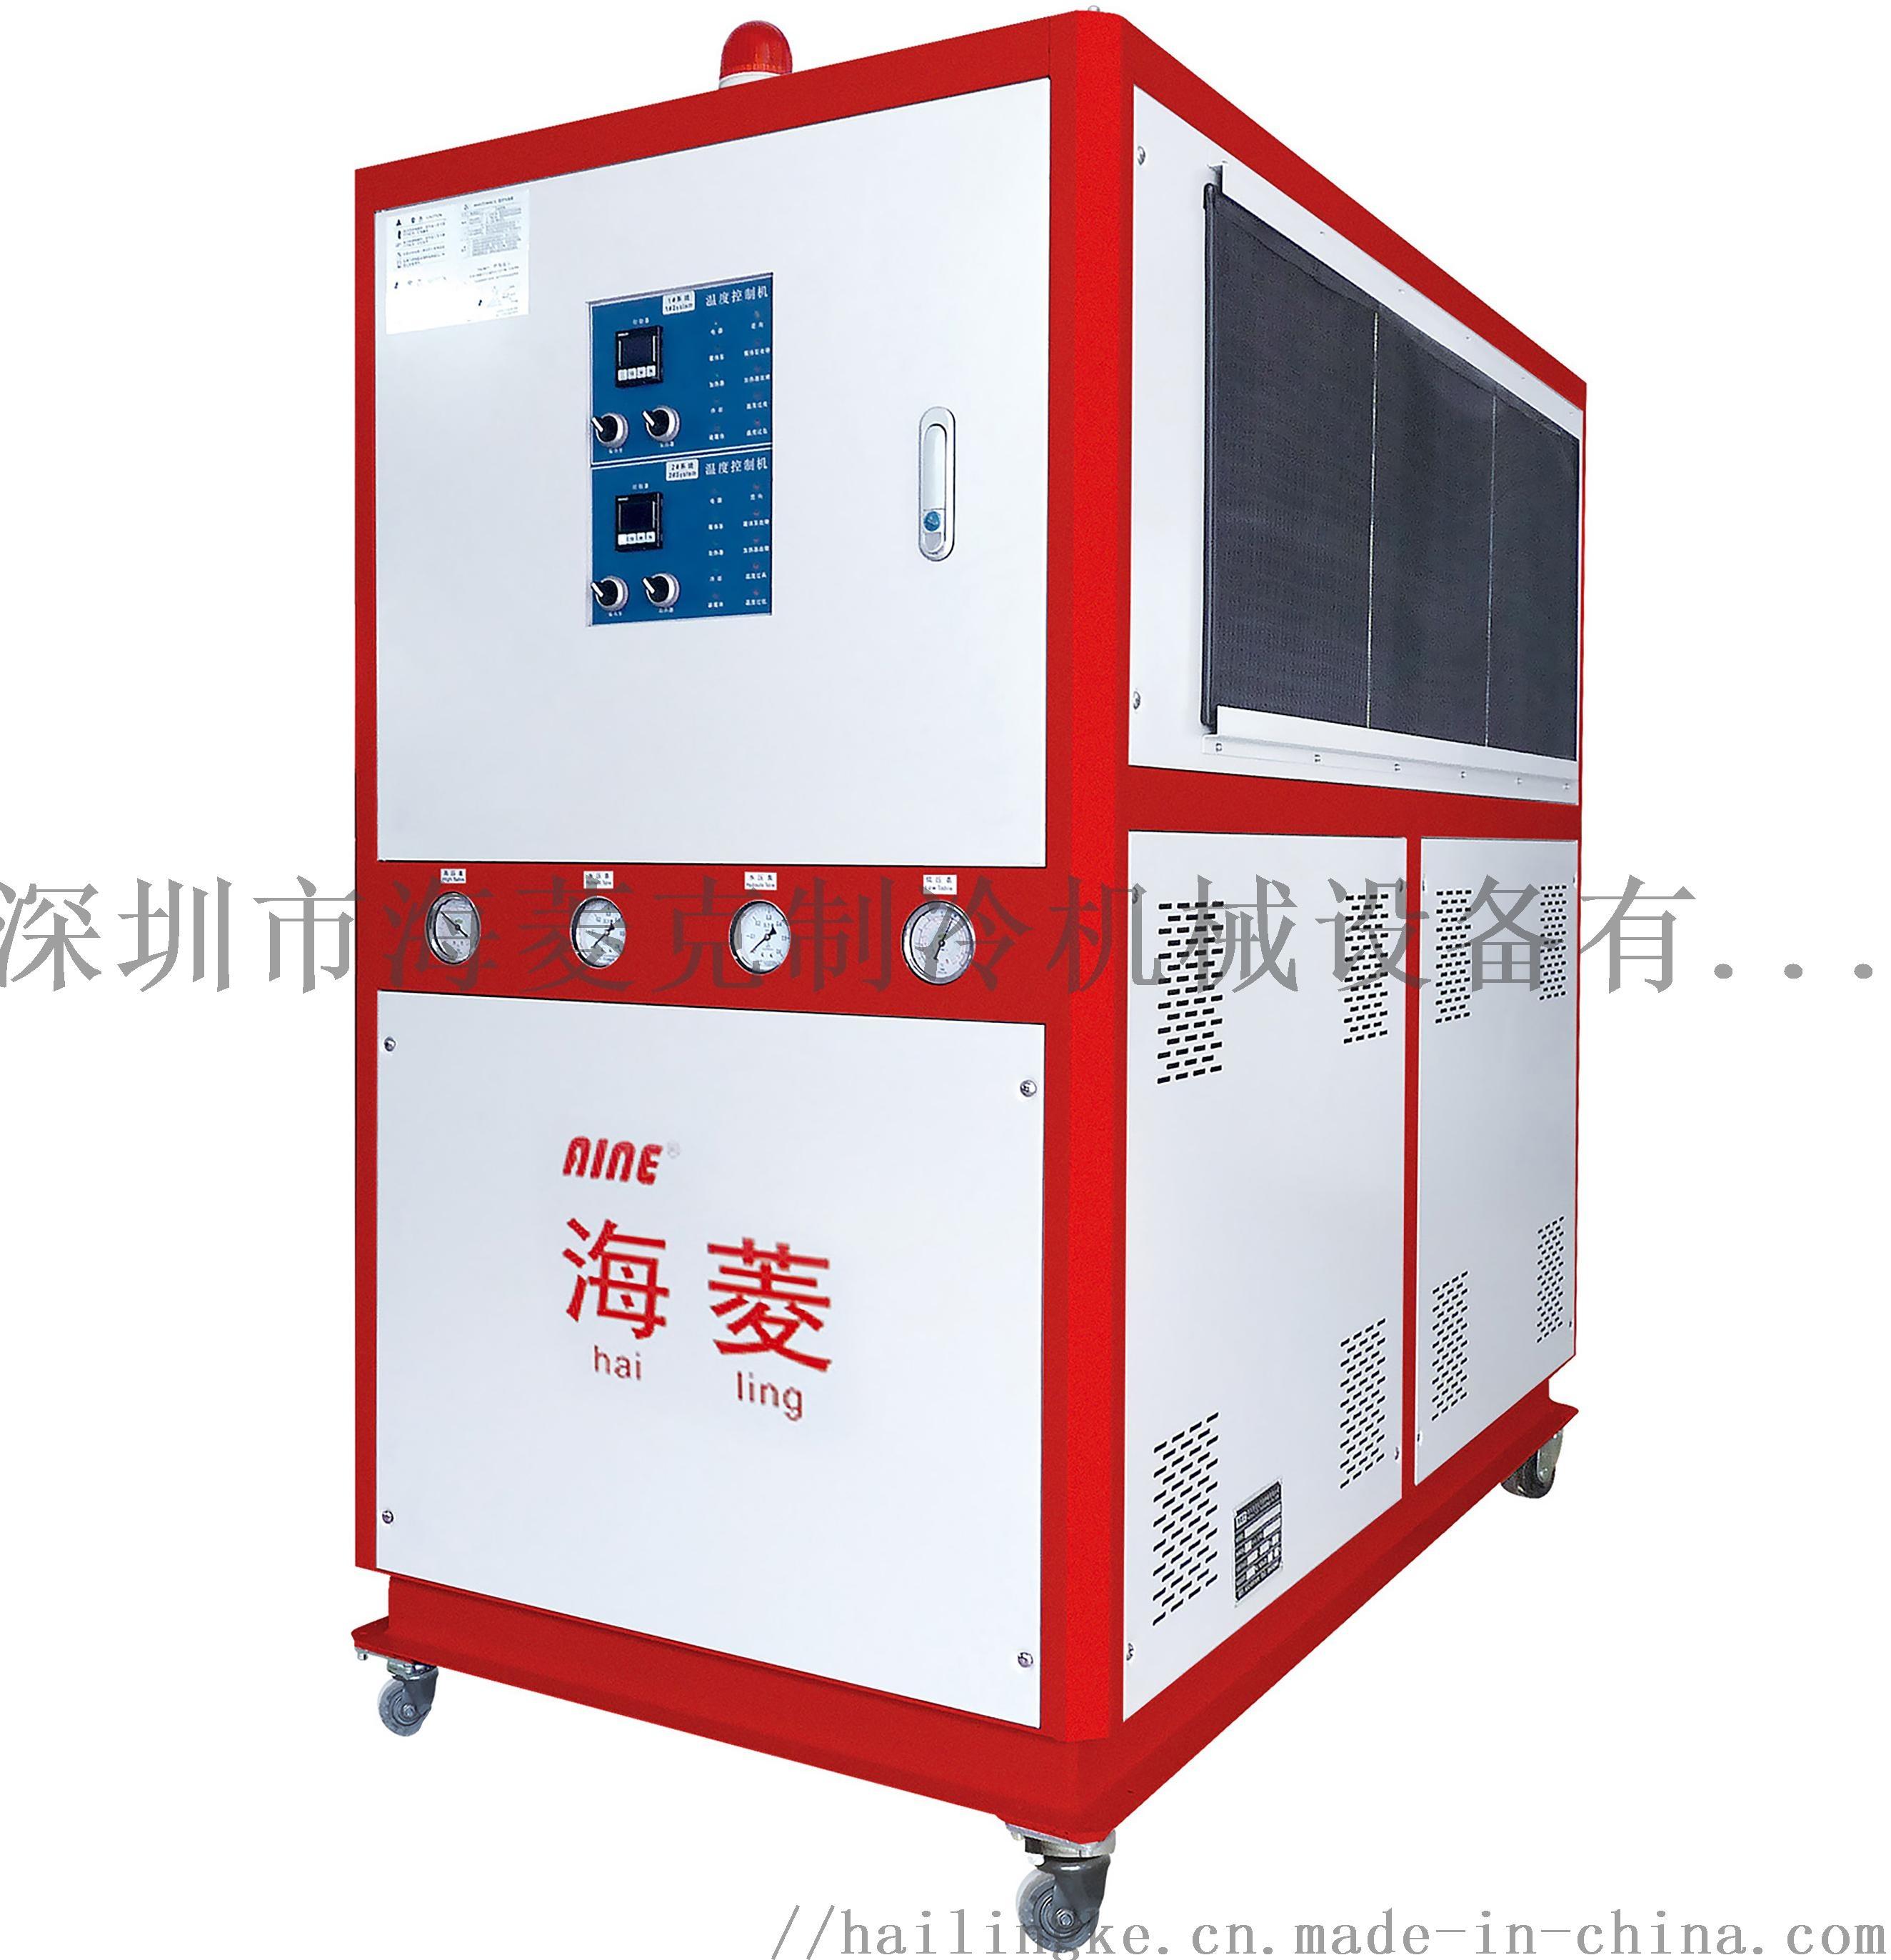 冷水机**海菱克,可特殊订做冷水机厂家 修改851029105